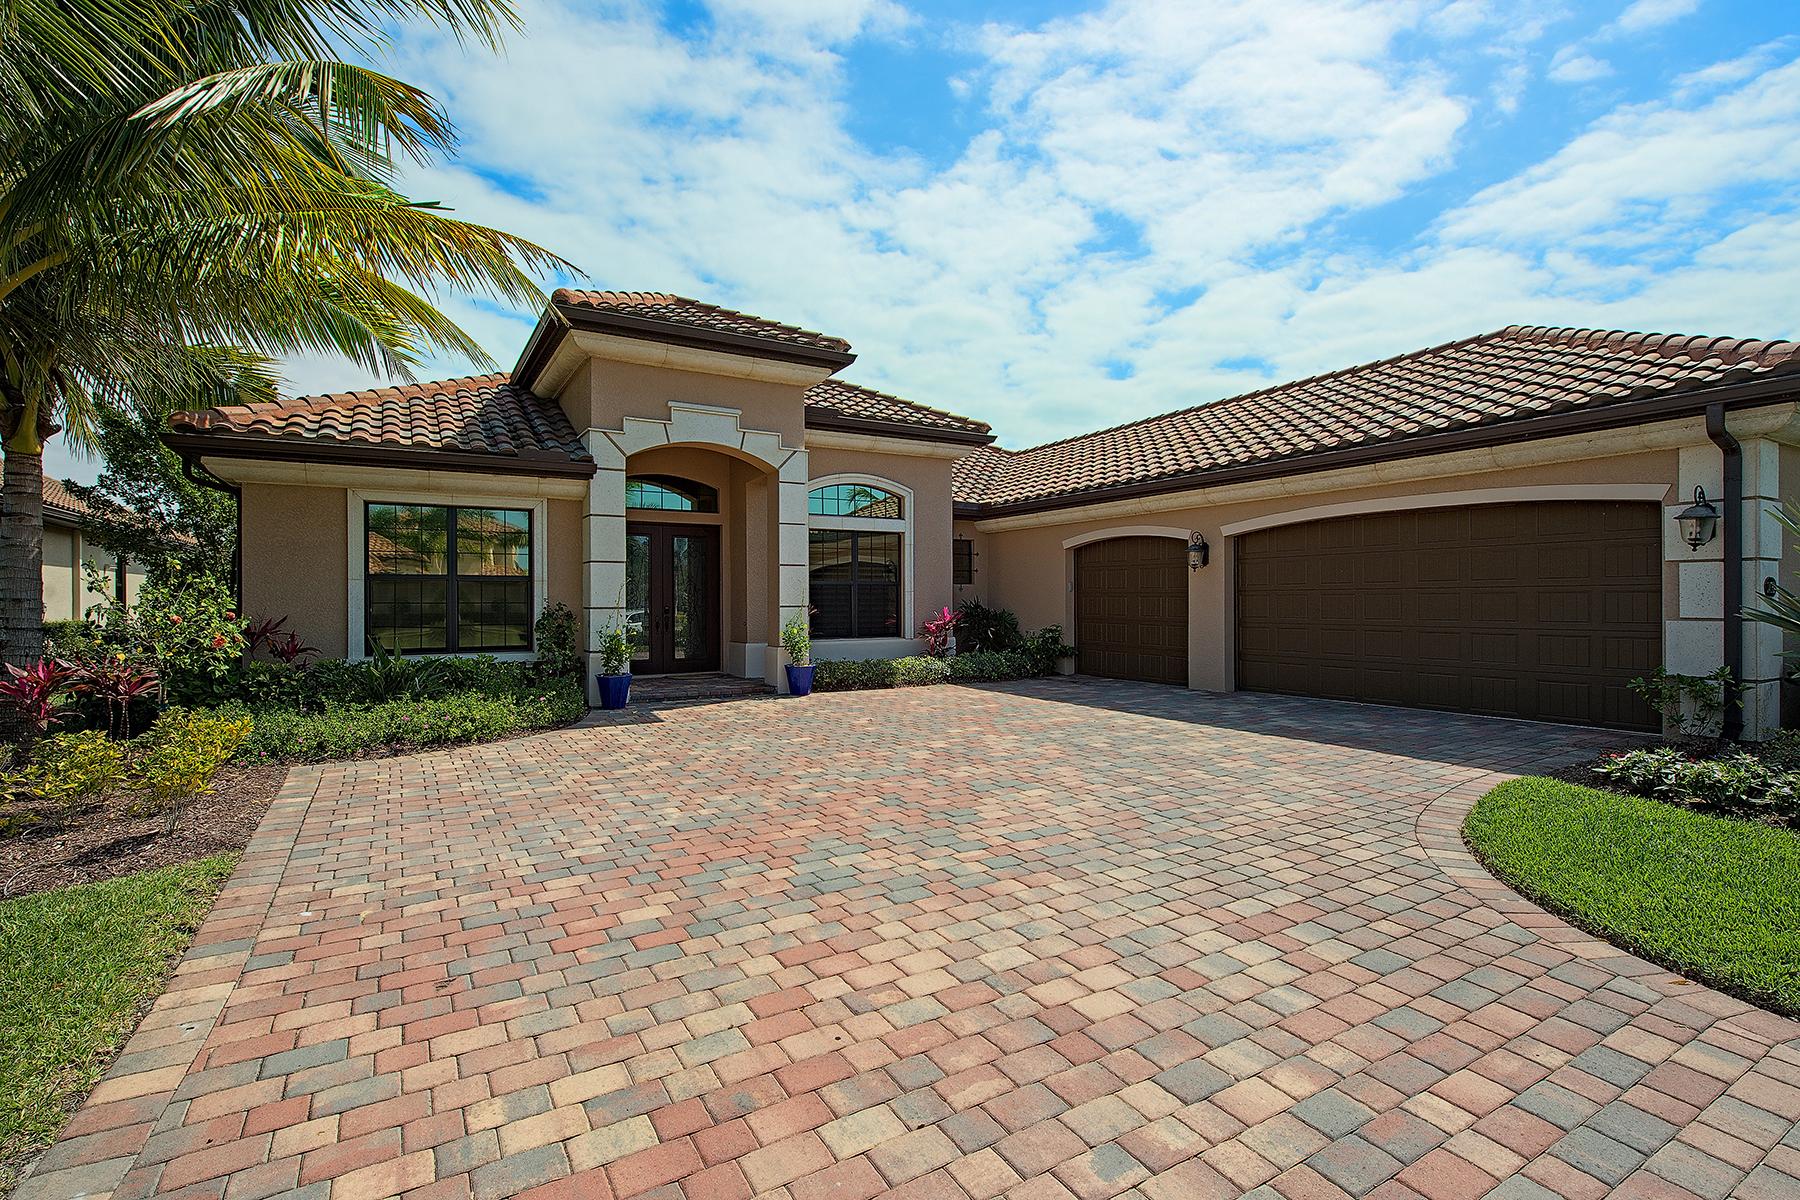 Casa para uma família para Venda às FIDDLERS CREEK 3418 Runaway Ct Naples, Florida, 34114 Estados Unidos